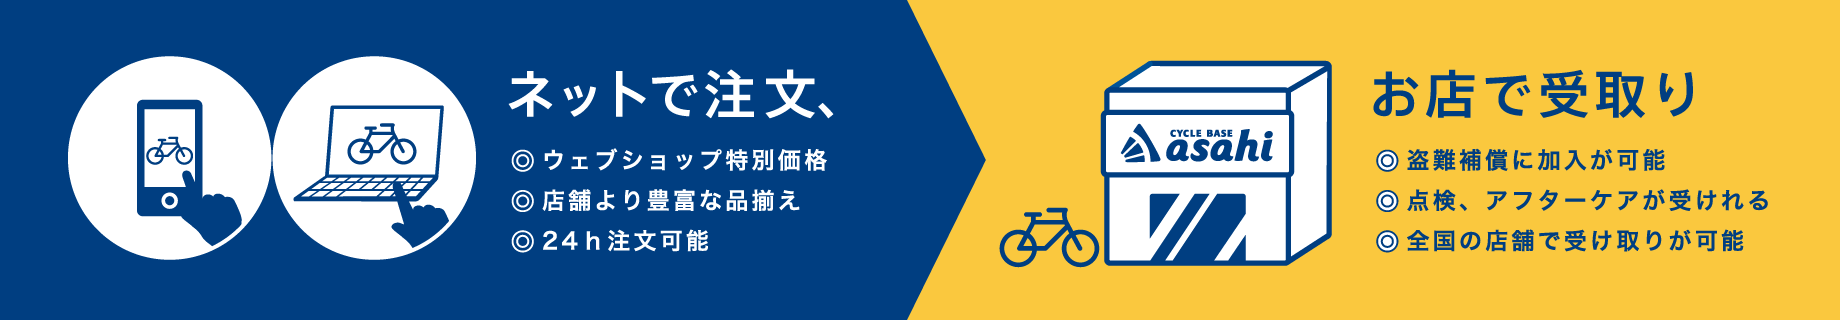 あさひオリジナル自転車保険 ...